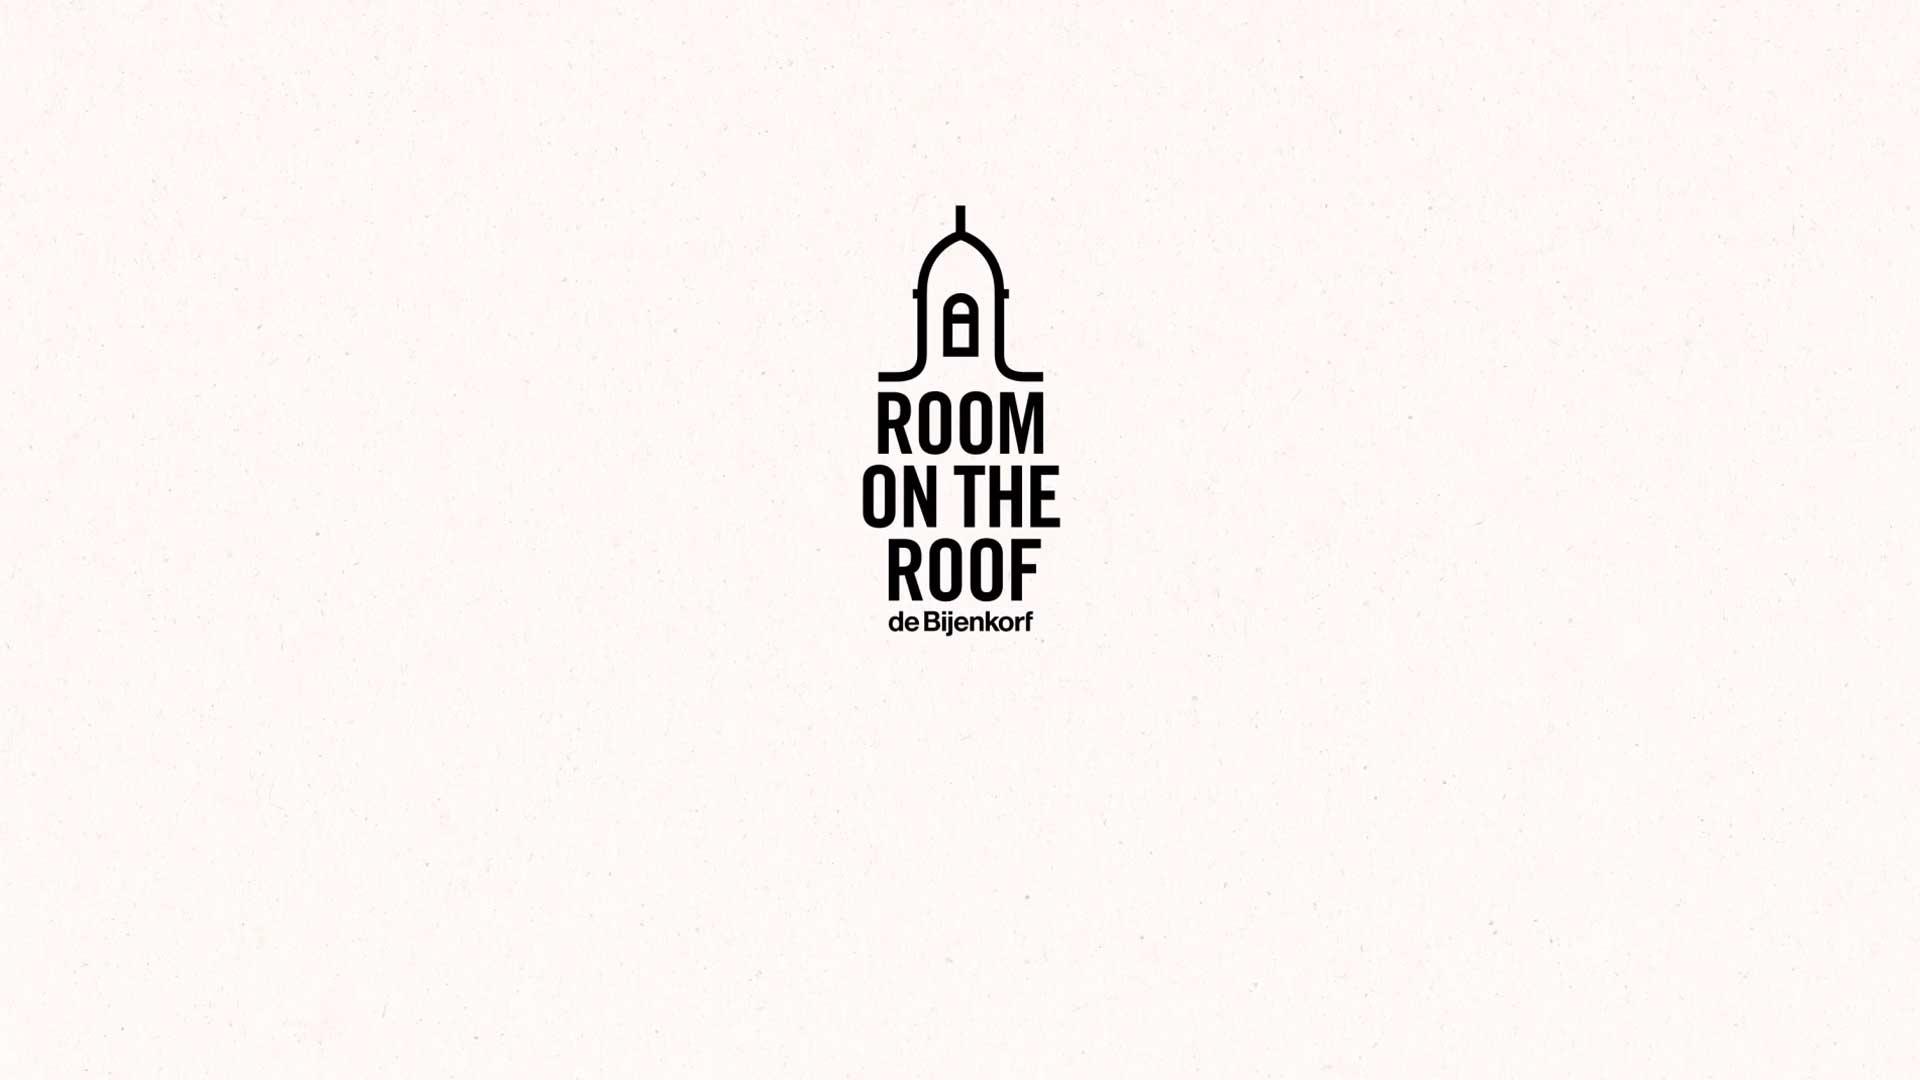 Bijenkorf Room on the roof